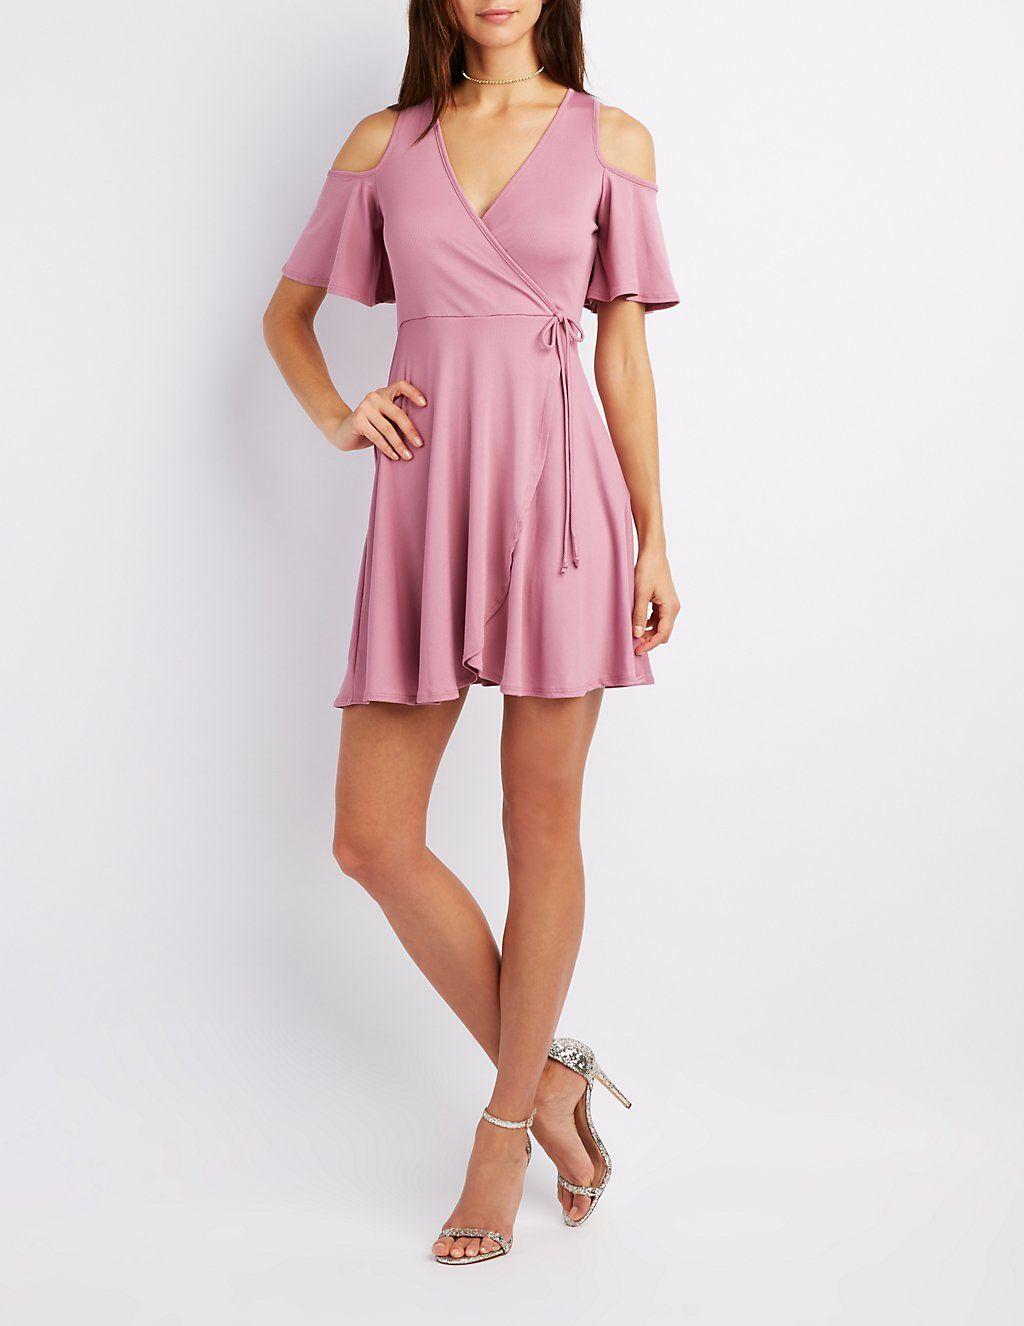 Ribbed Cold Shoulder Wrap Dress Charlotte Russe White Short Dress Dresses Plunging V Neck Dress [ 1326 x 1024 Pixel ]